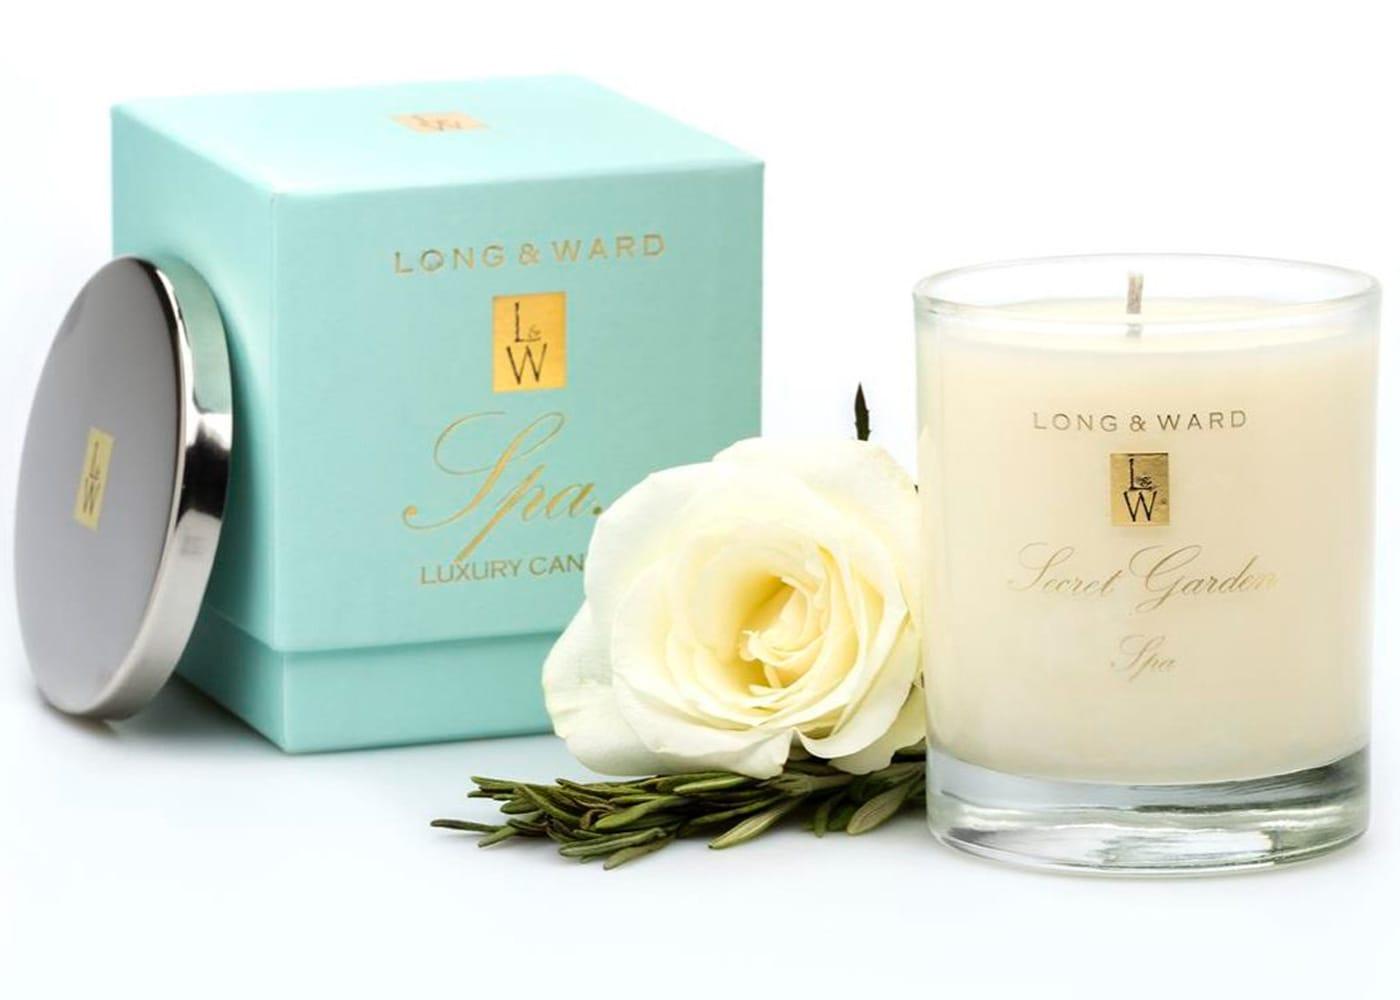 Long & Ward Candles